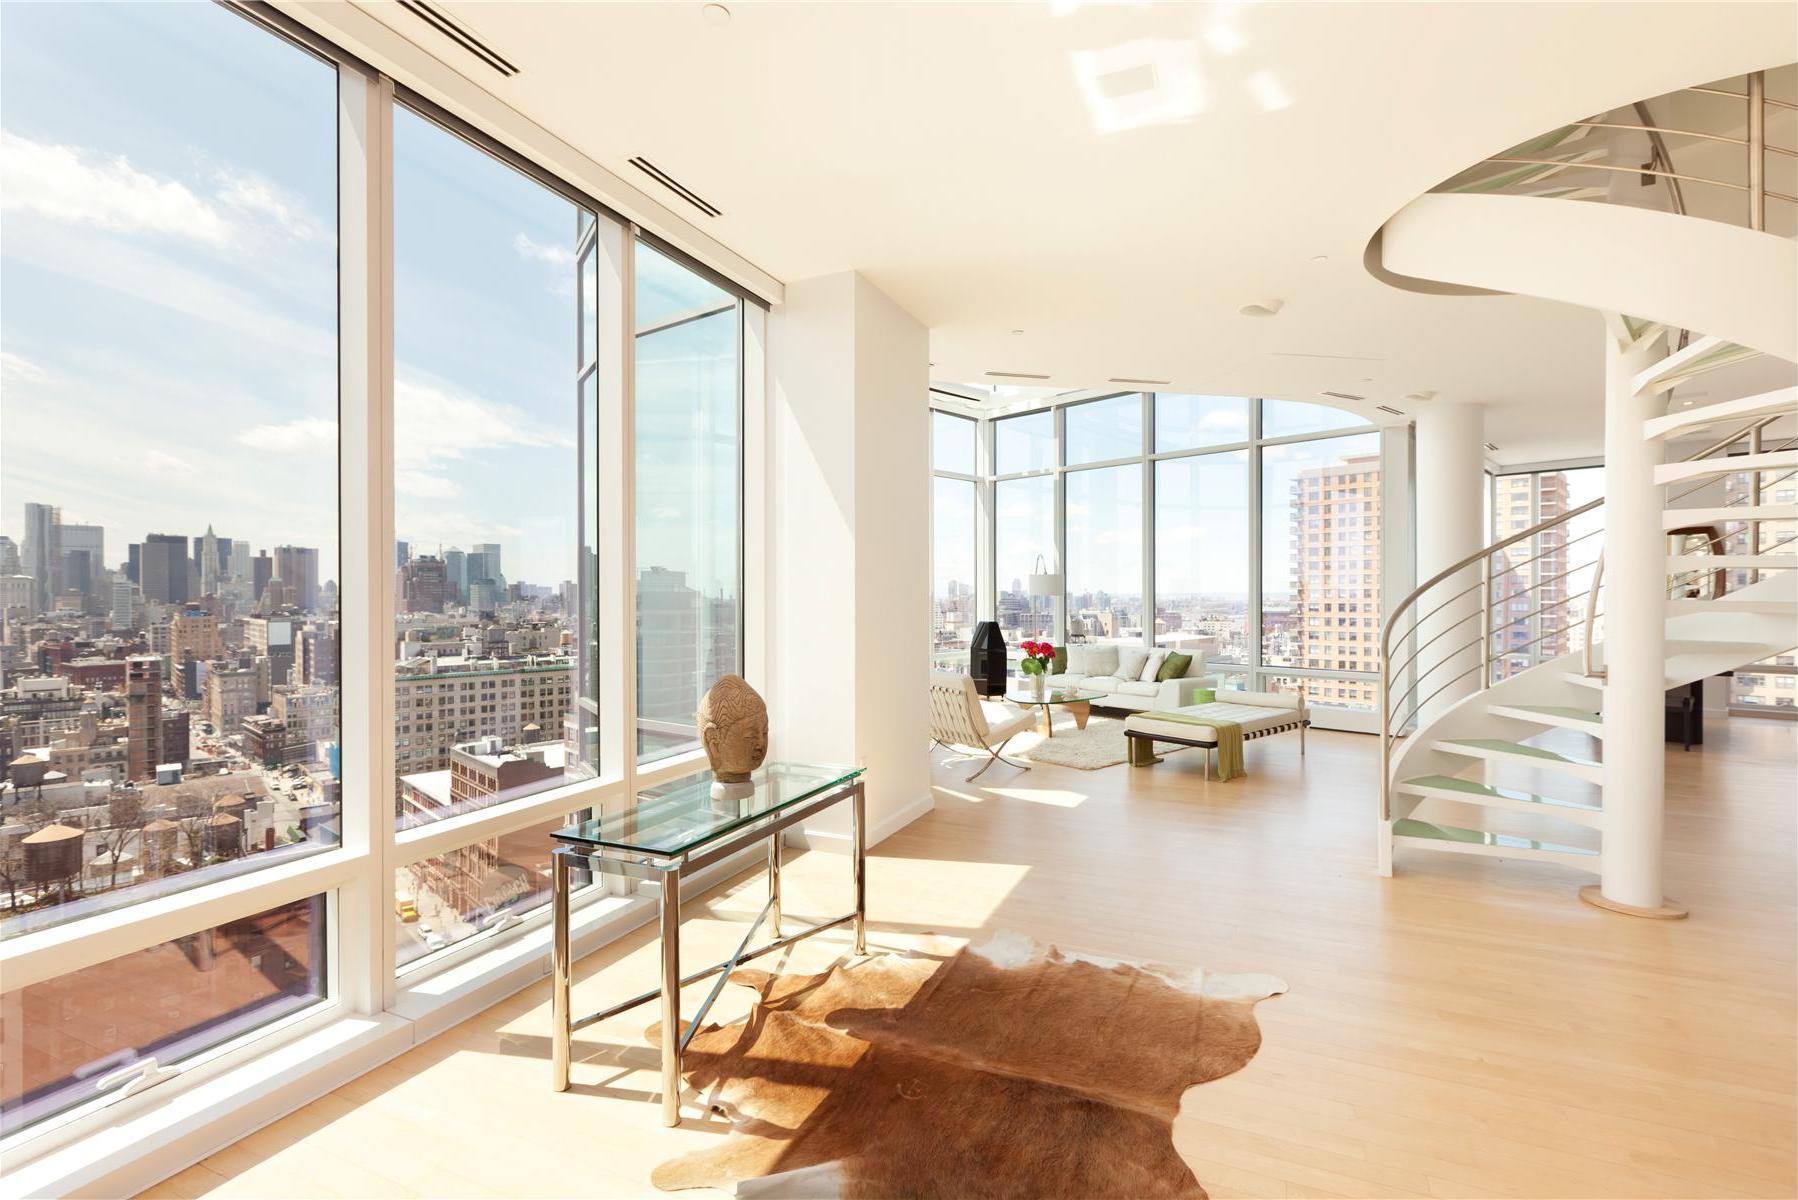 Tek odalı bir daire için düşünceler: Tavan arası nedeniyle alanı nasıl artırabilirim